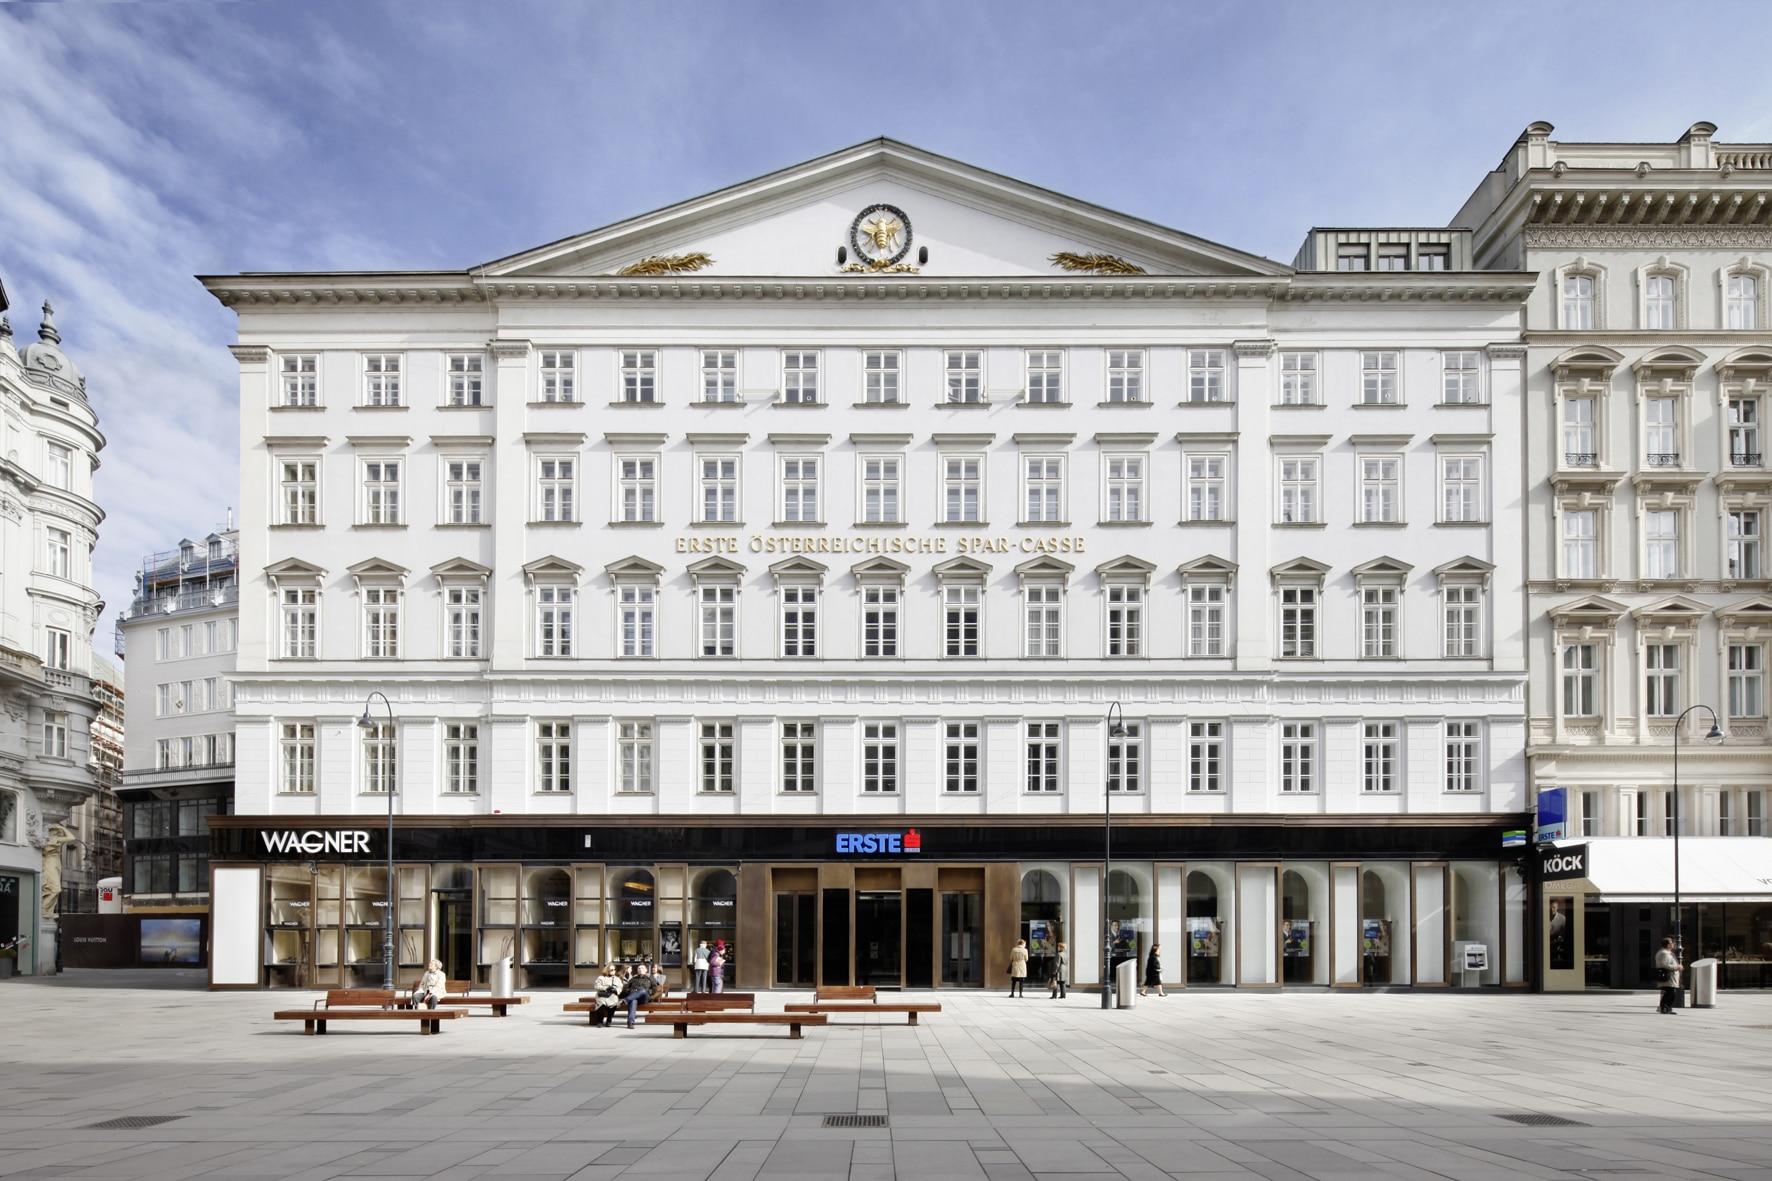 Rosewood Wien